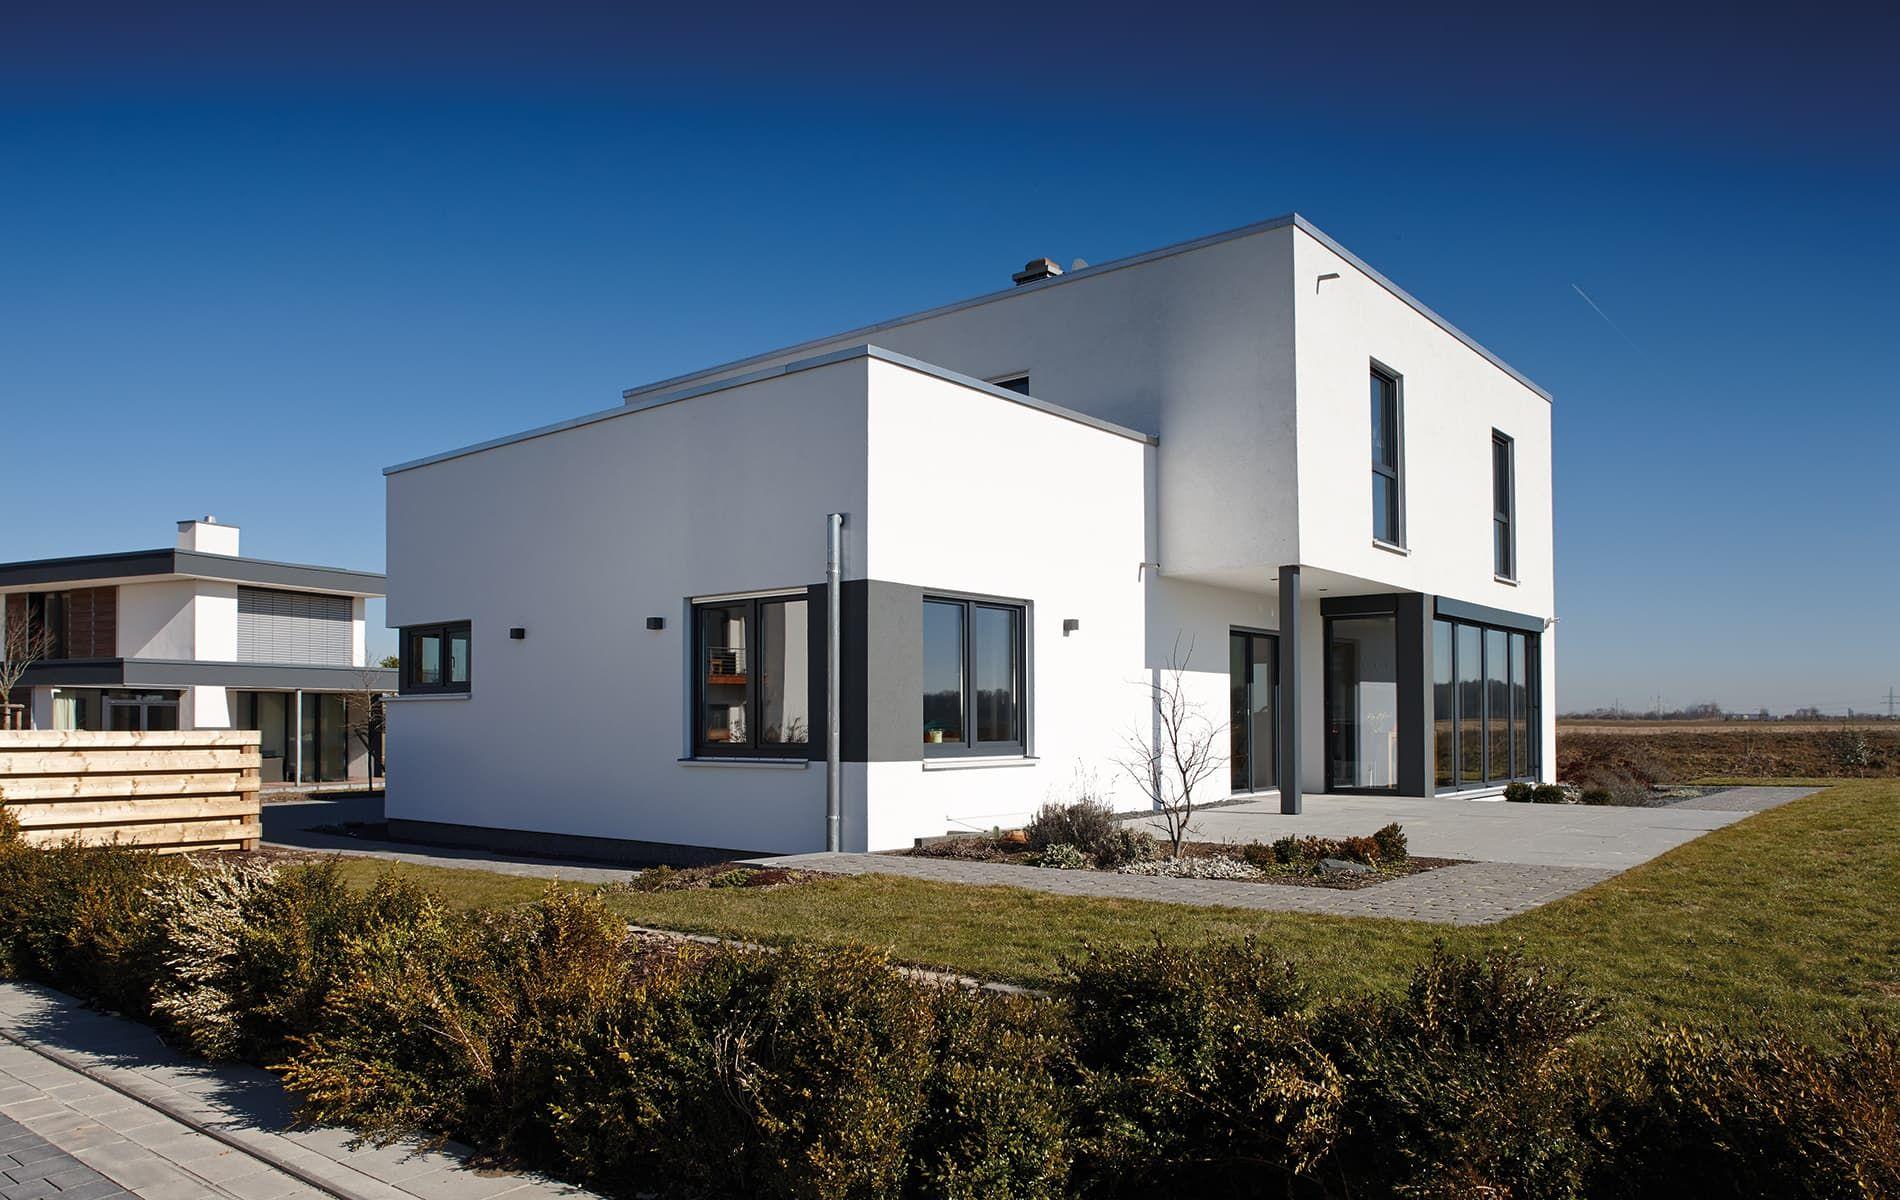 FingerHaus Kundenhaus - Architektur Trend